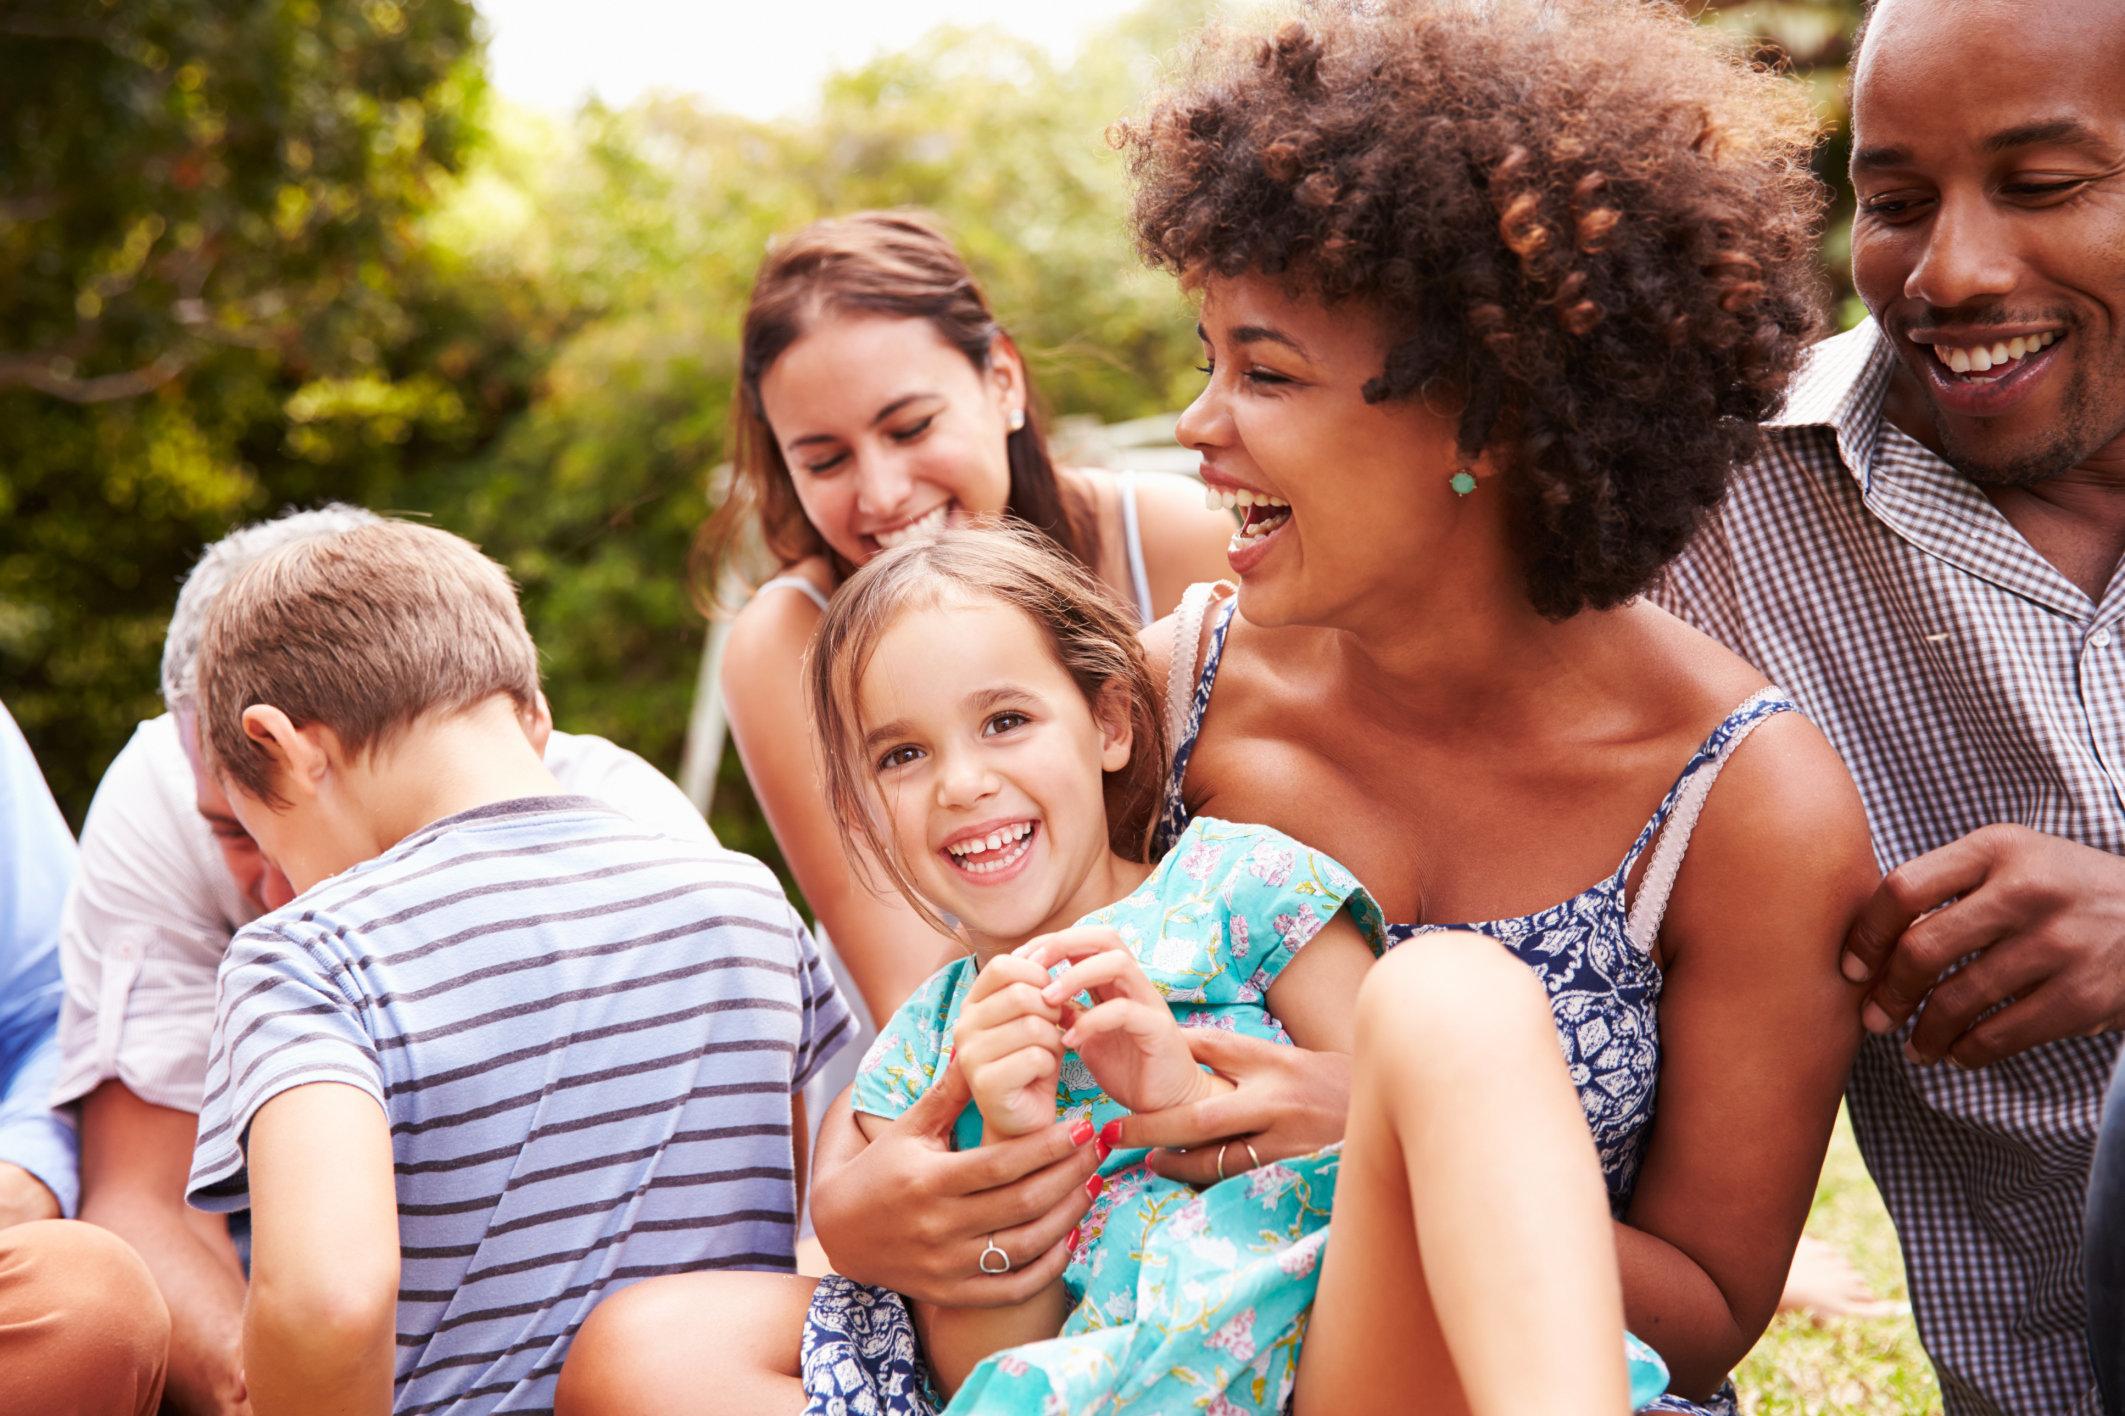 Happy parents help make children